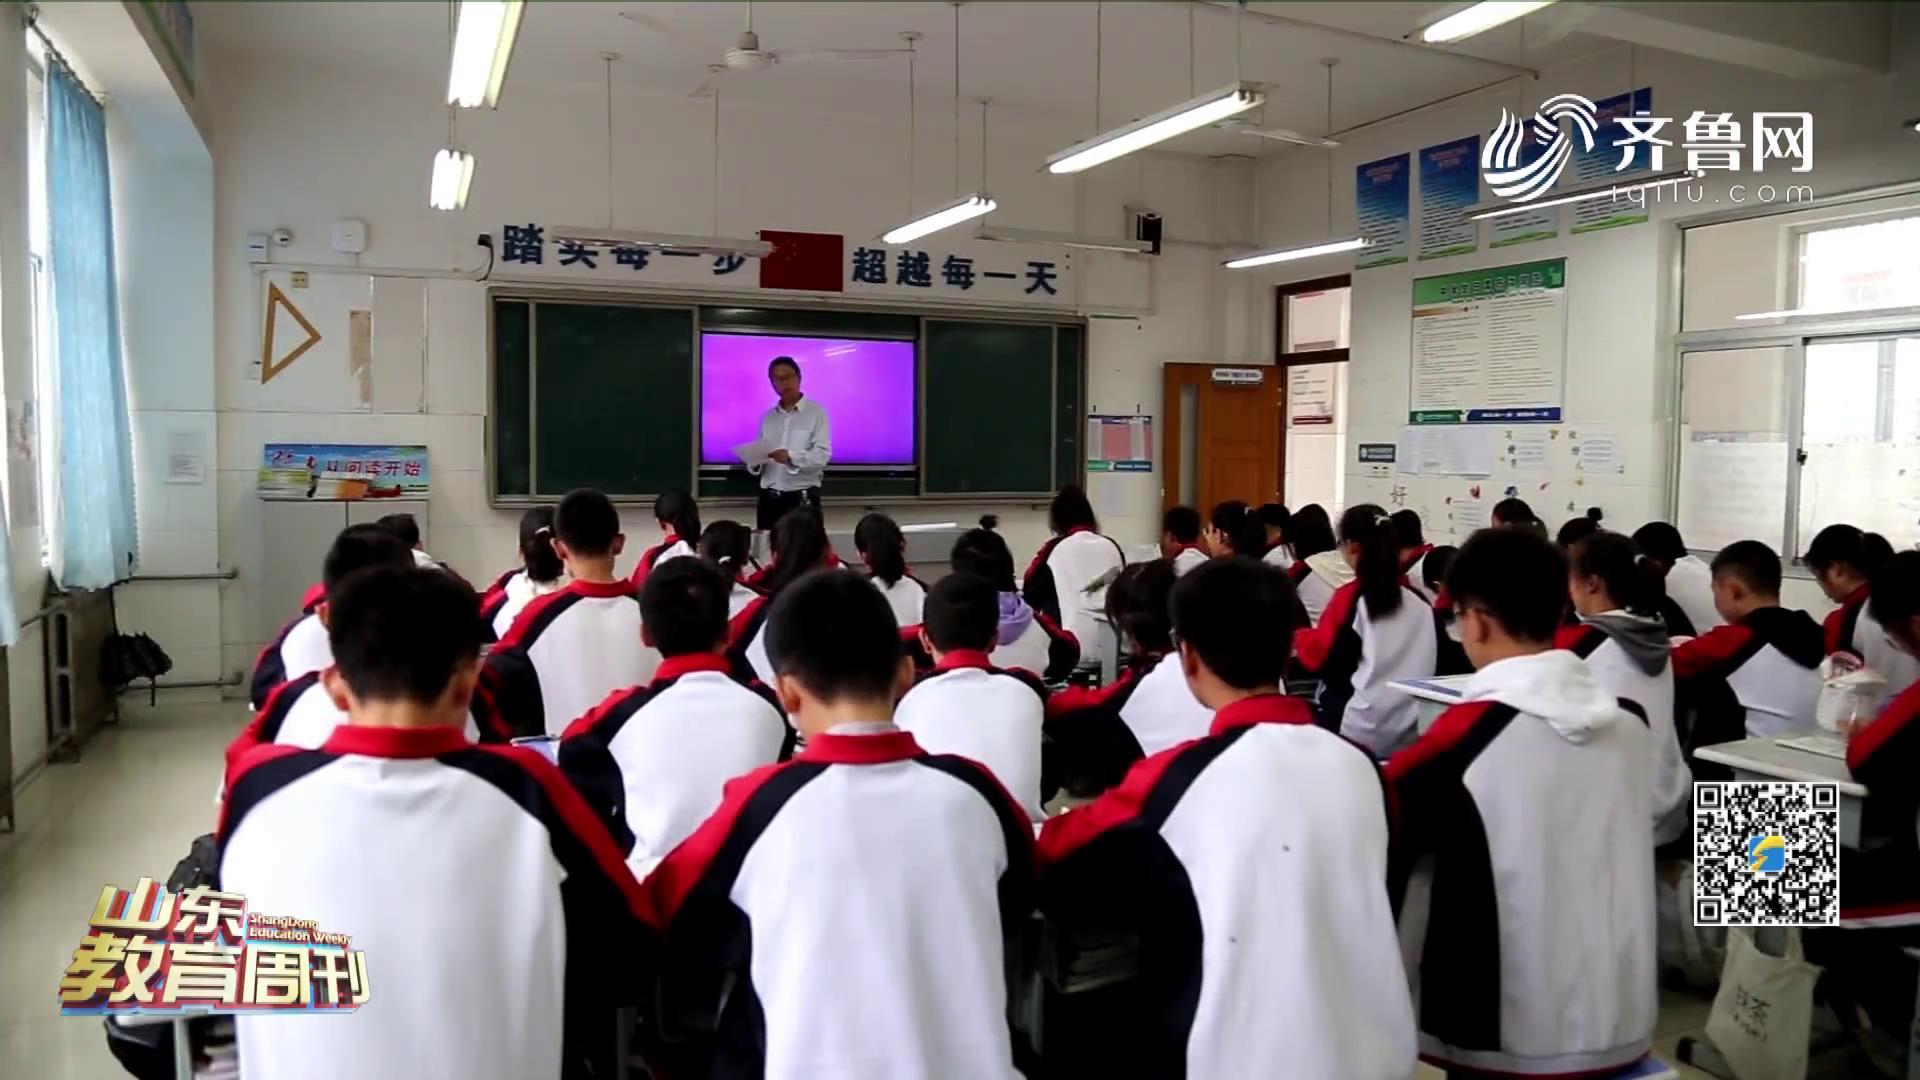 五年大跨越 办人民满意的教育《山东教育周刊》20201122播出